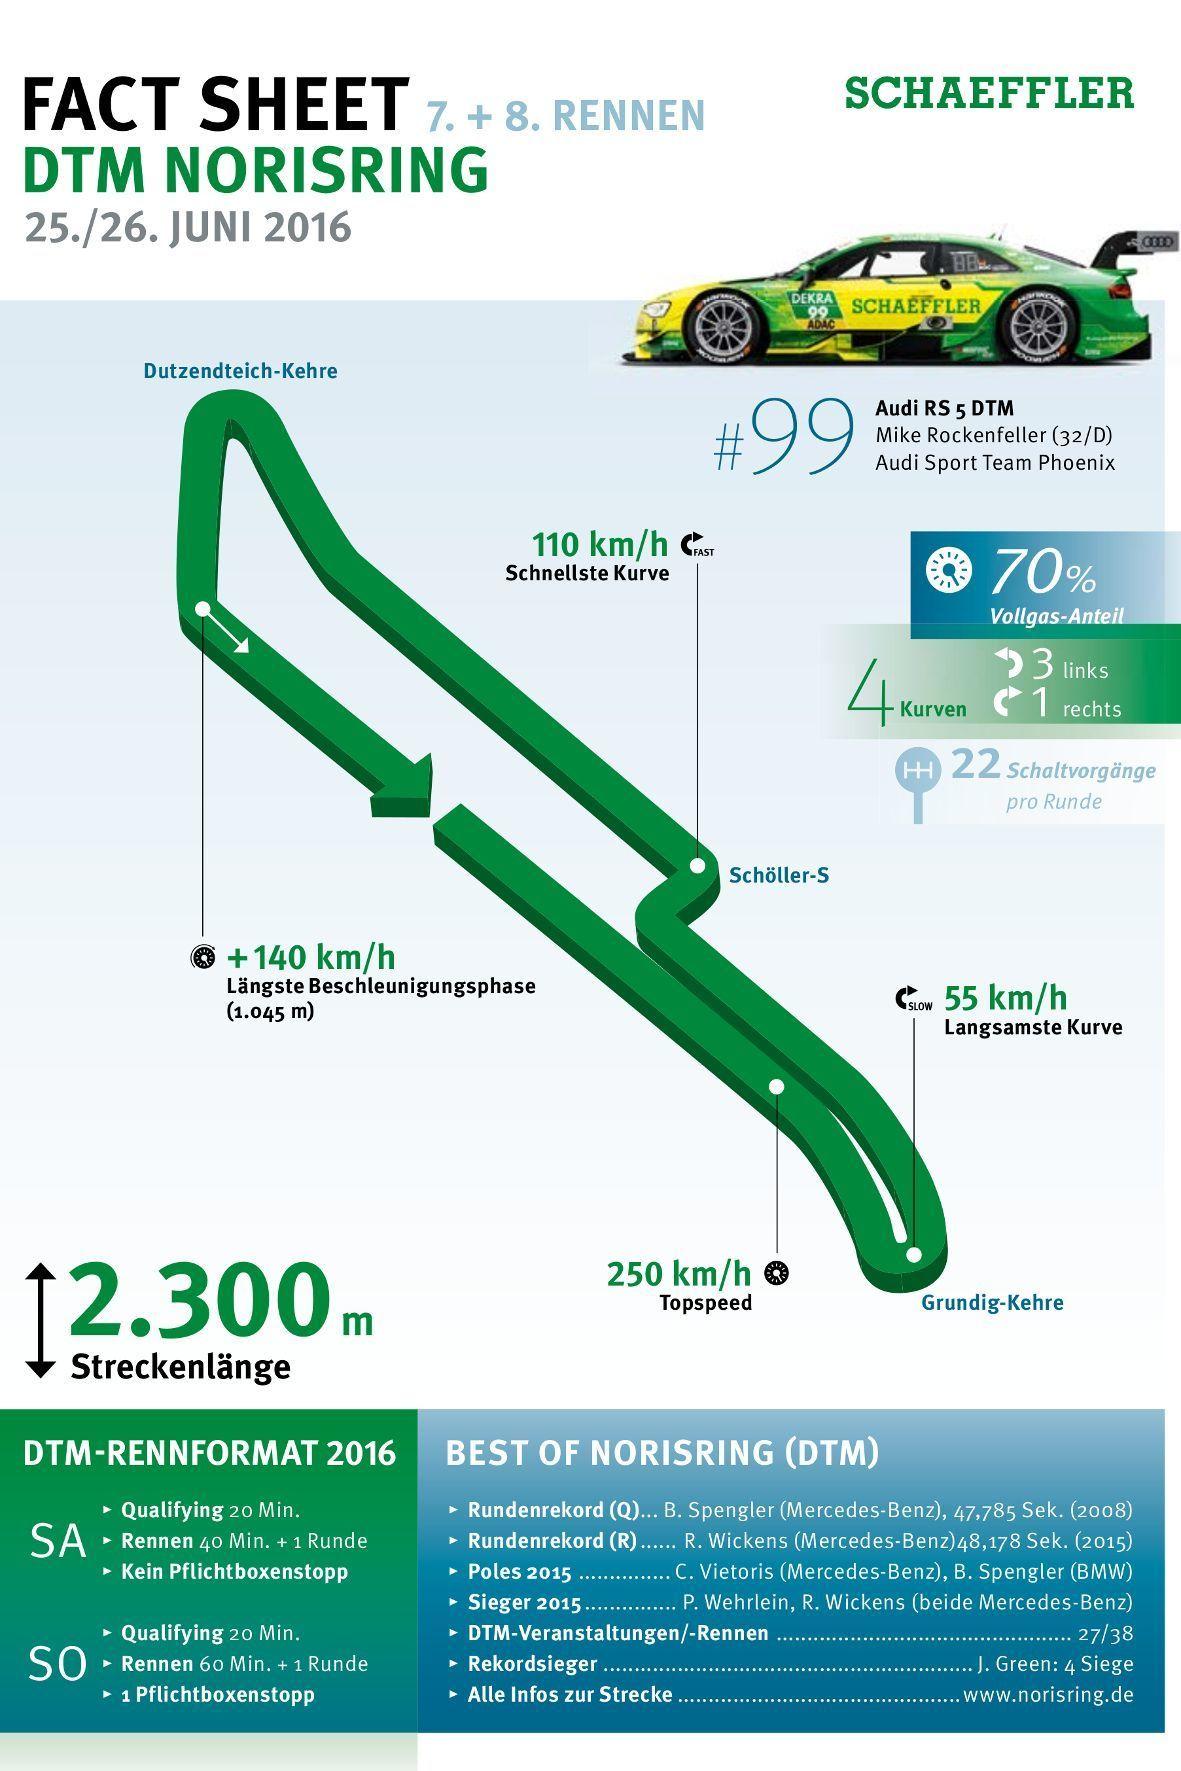 mid Groß-Gerau - Der 2,3 Kilometer lange Norisring ist die kürzeste Strecke im DTM-Kalender 2016 und auch der einzige Stadtkurs.